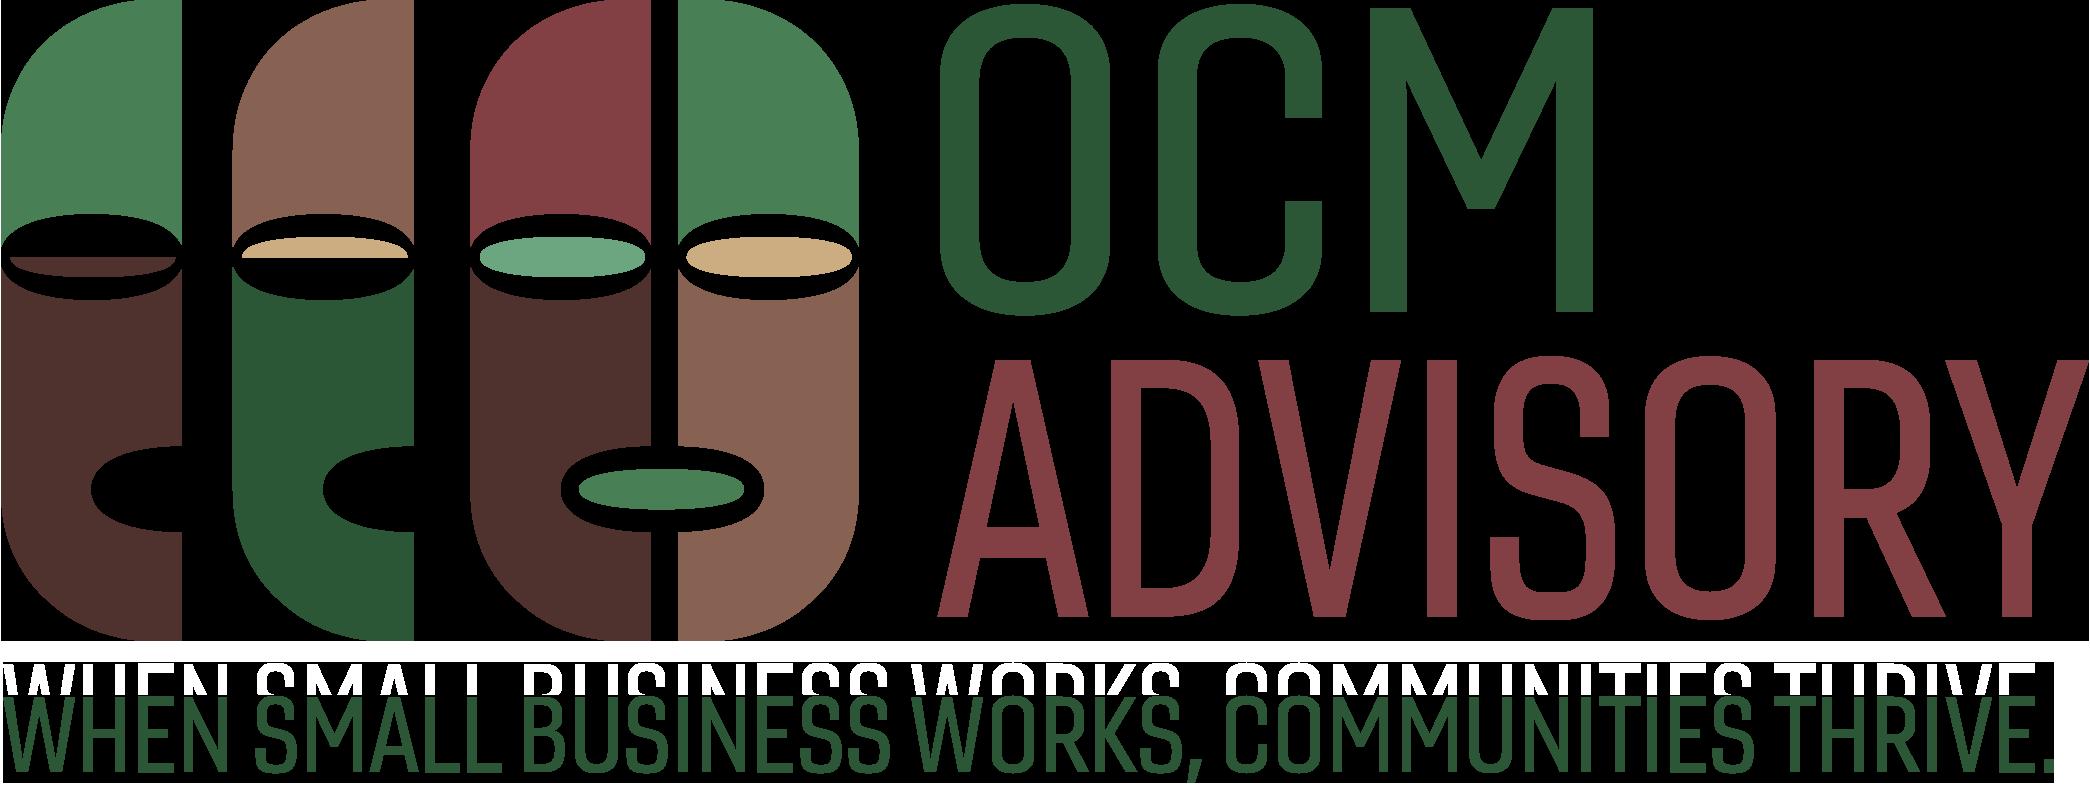 OCM Advisory Group LLC